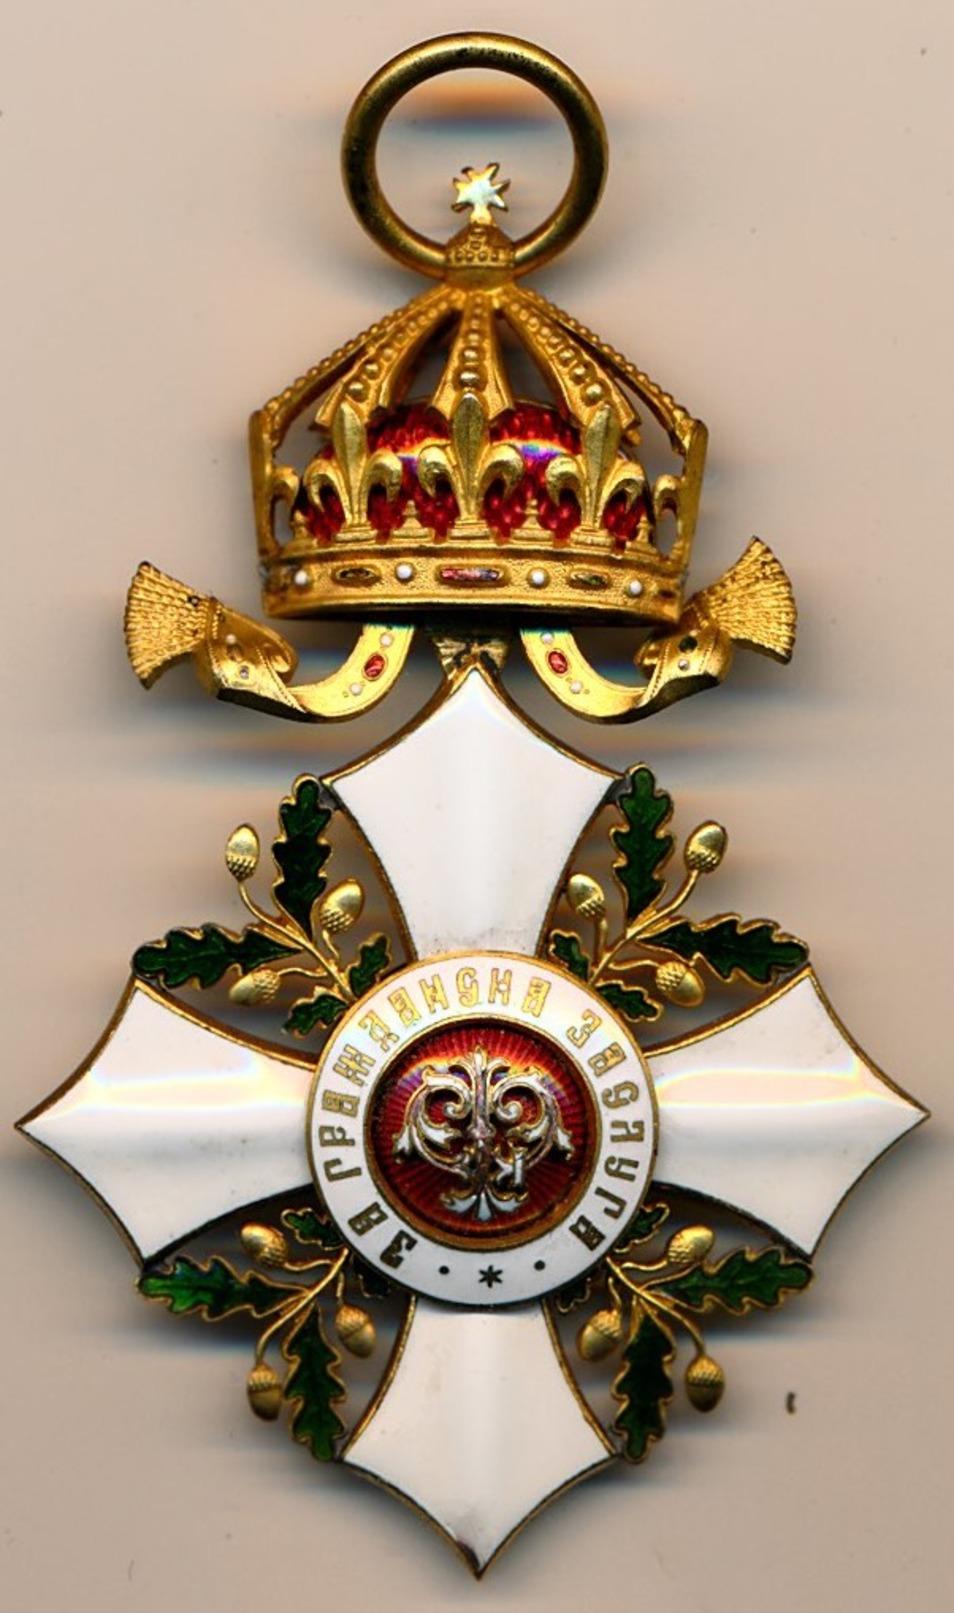 BULGARIE : Ordre Royal Pour Mérite Civil, Institué En 1891 - Médailles & Décorations